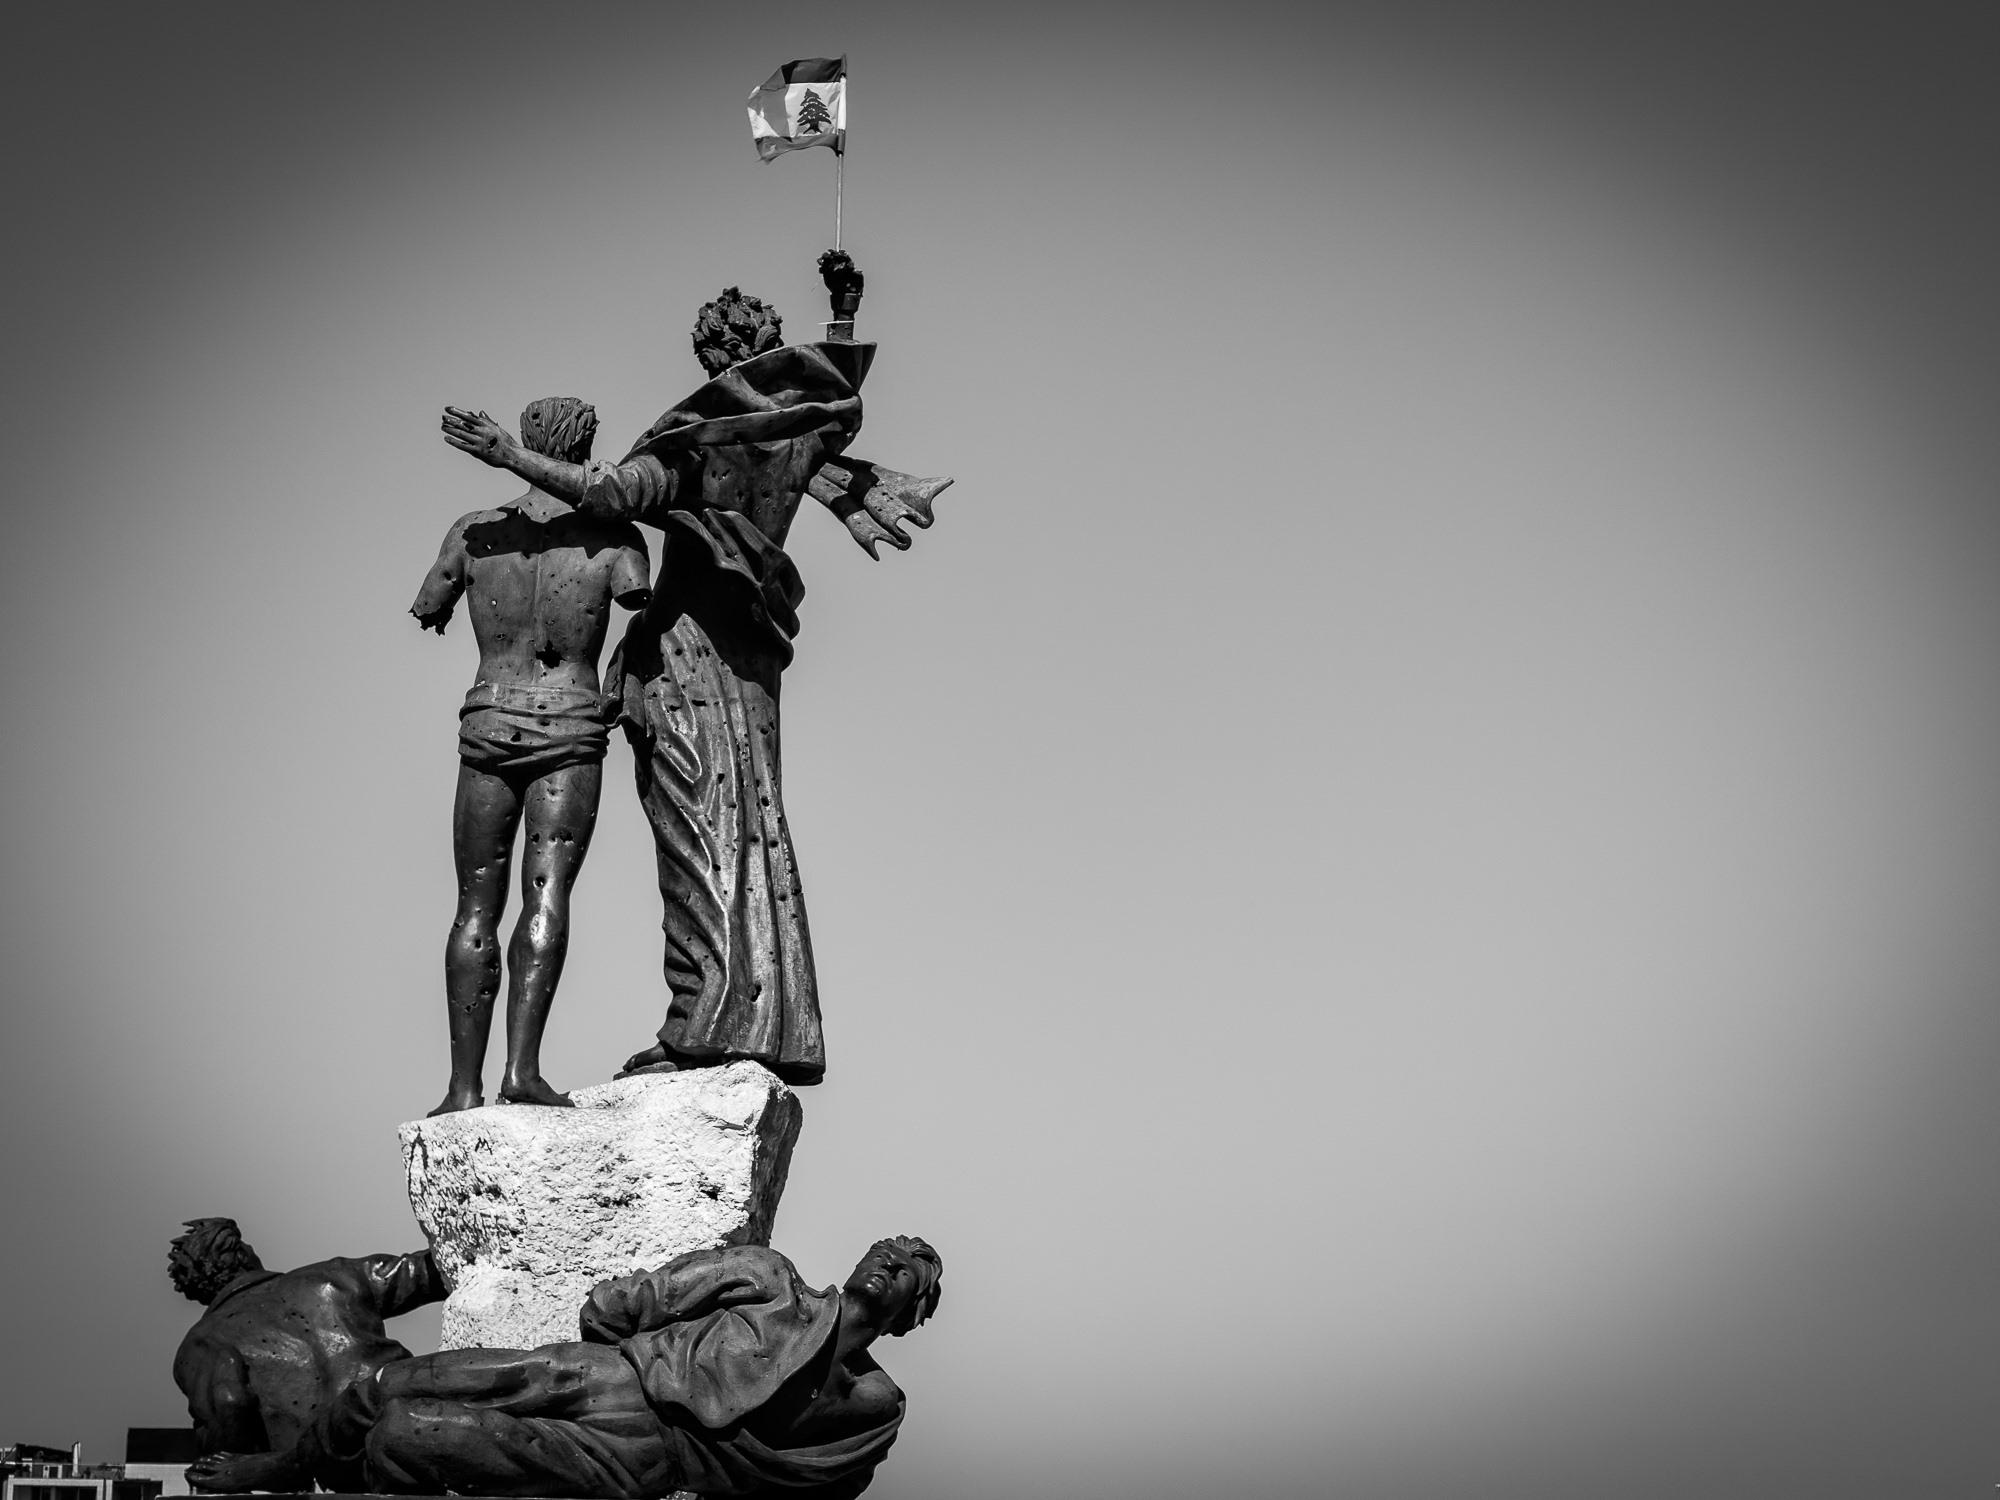 Beirut Square Statue 2020